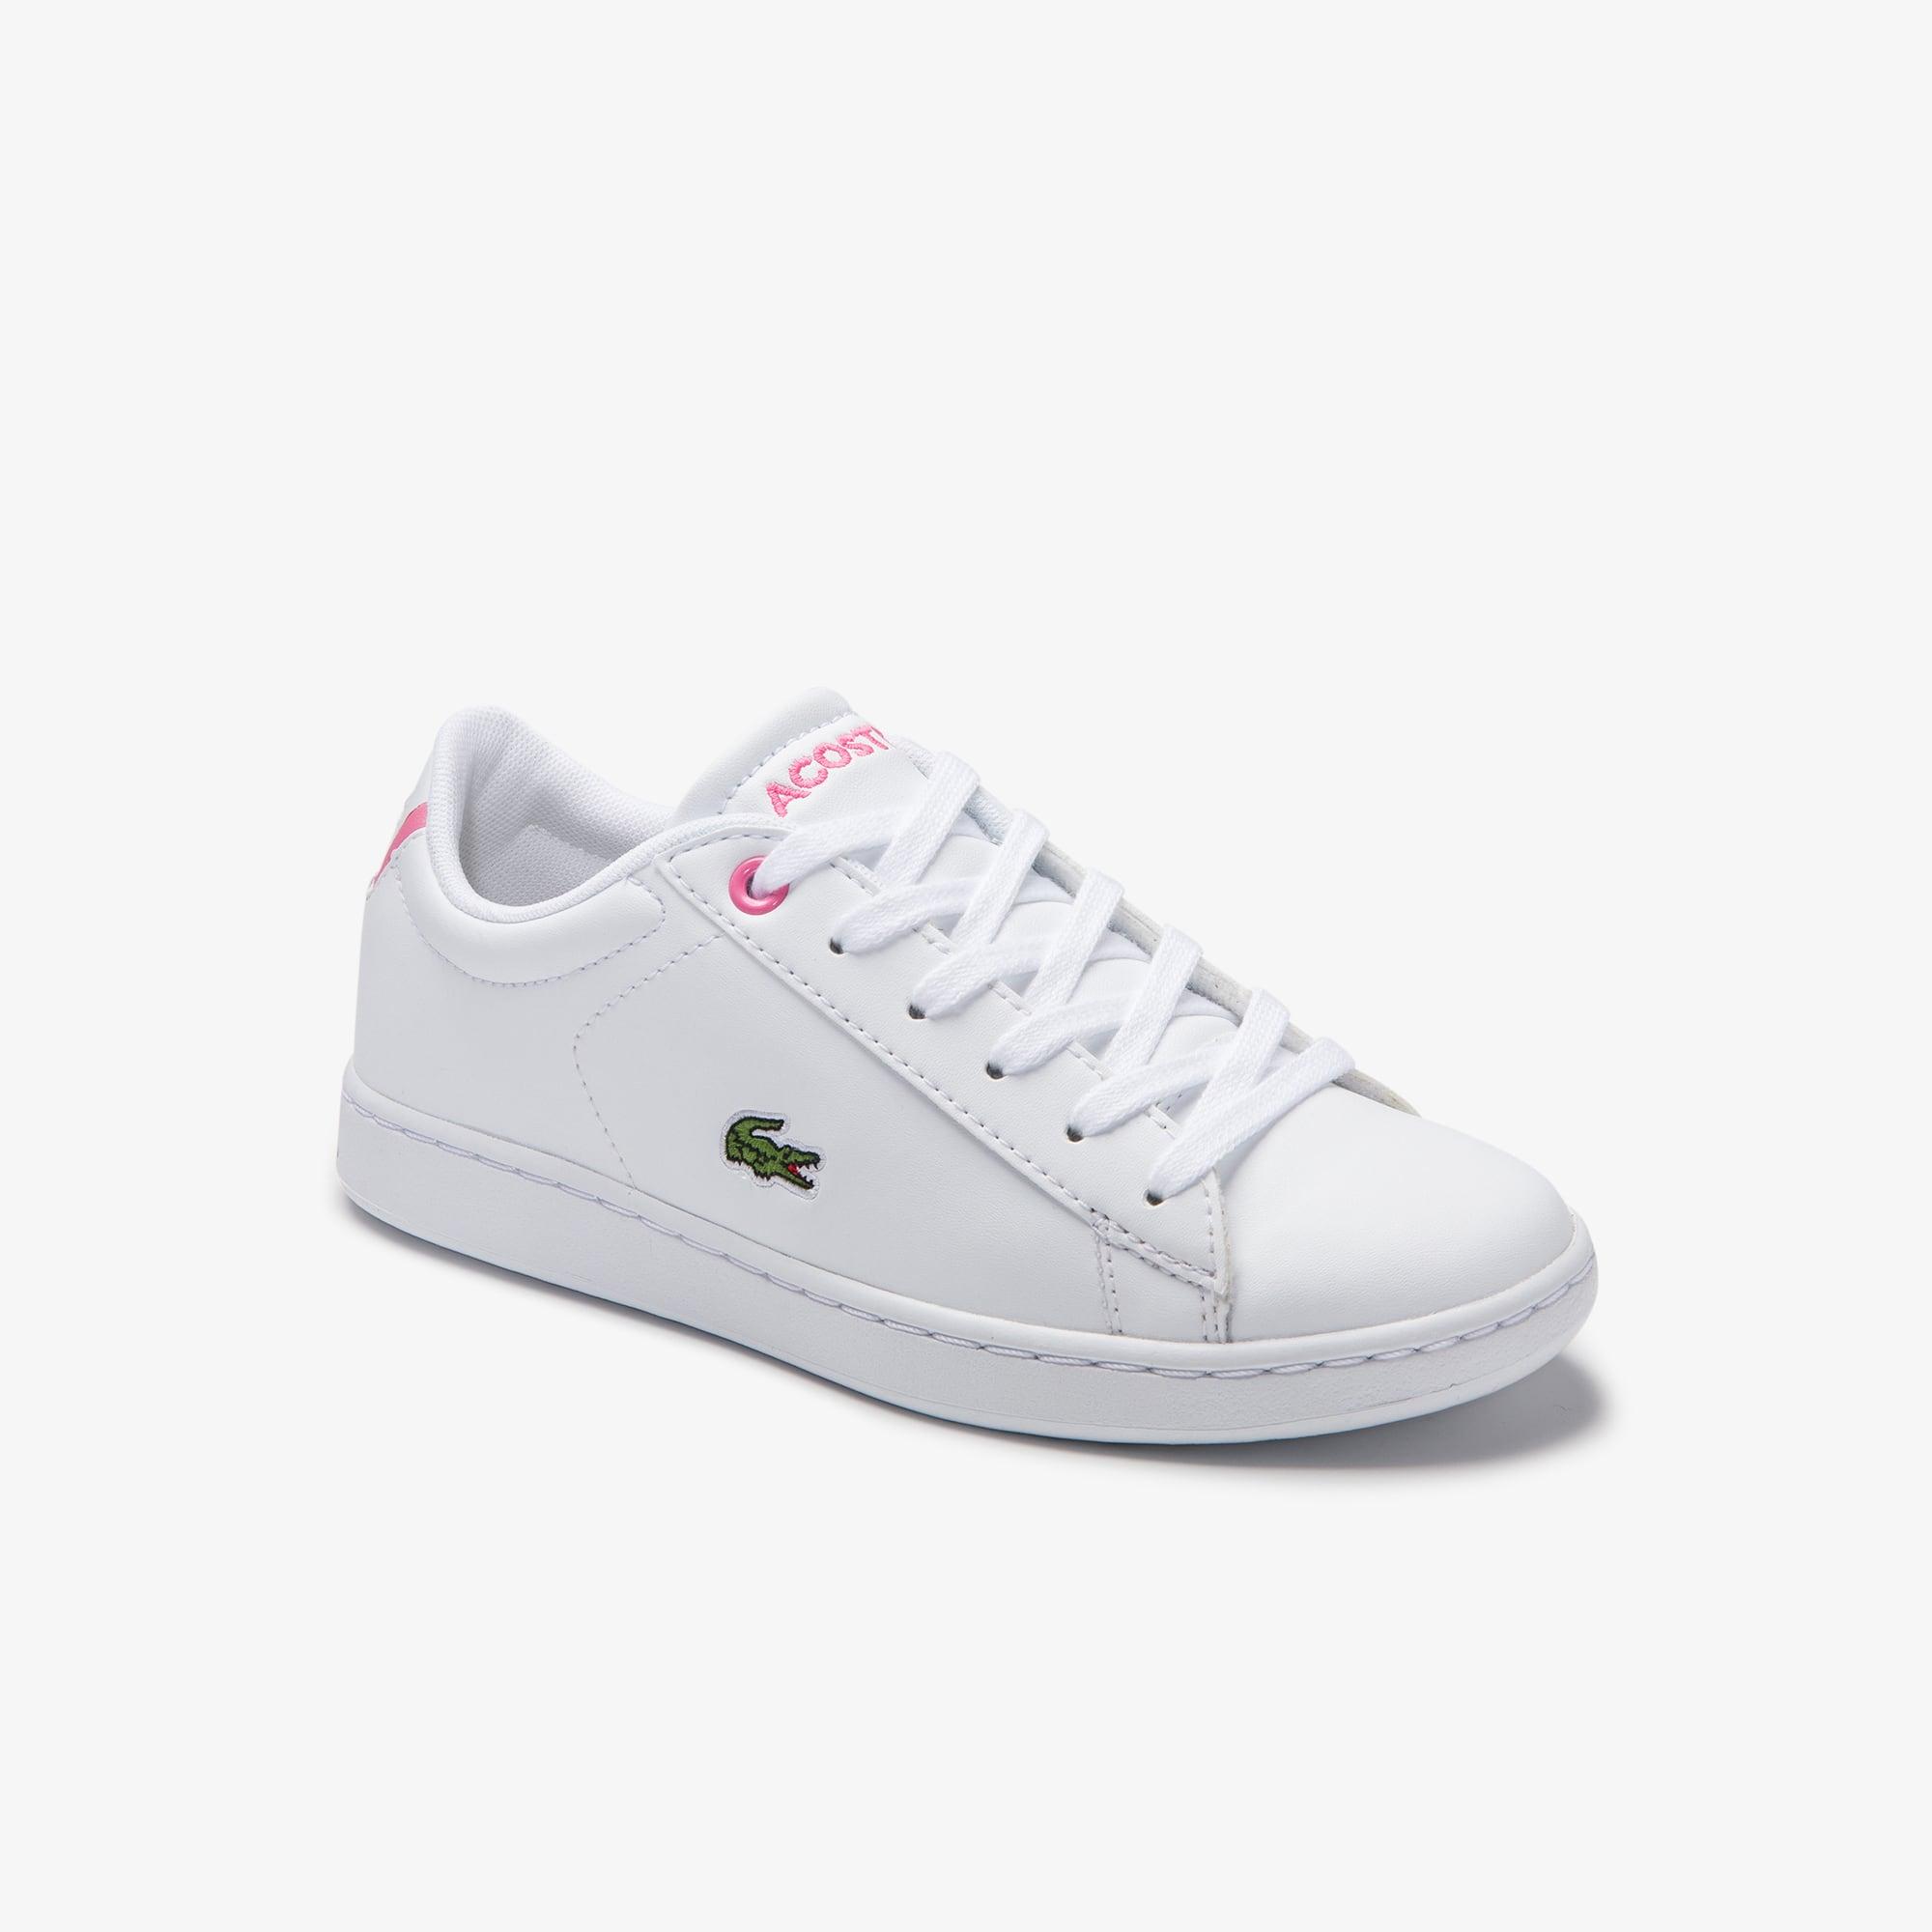 Lacoste Chaussures GarçonEnfant Lacoste GarçonEnfant GarçonEnfant Lacoste Chaussures Chaussures Chaussures GarçonEnfant VMpzqSULG